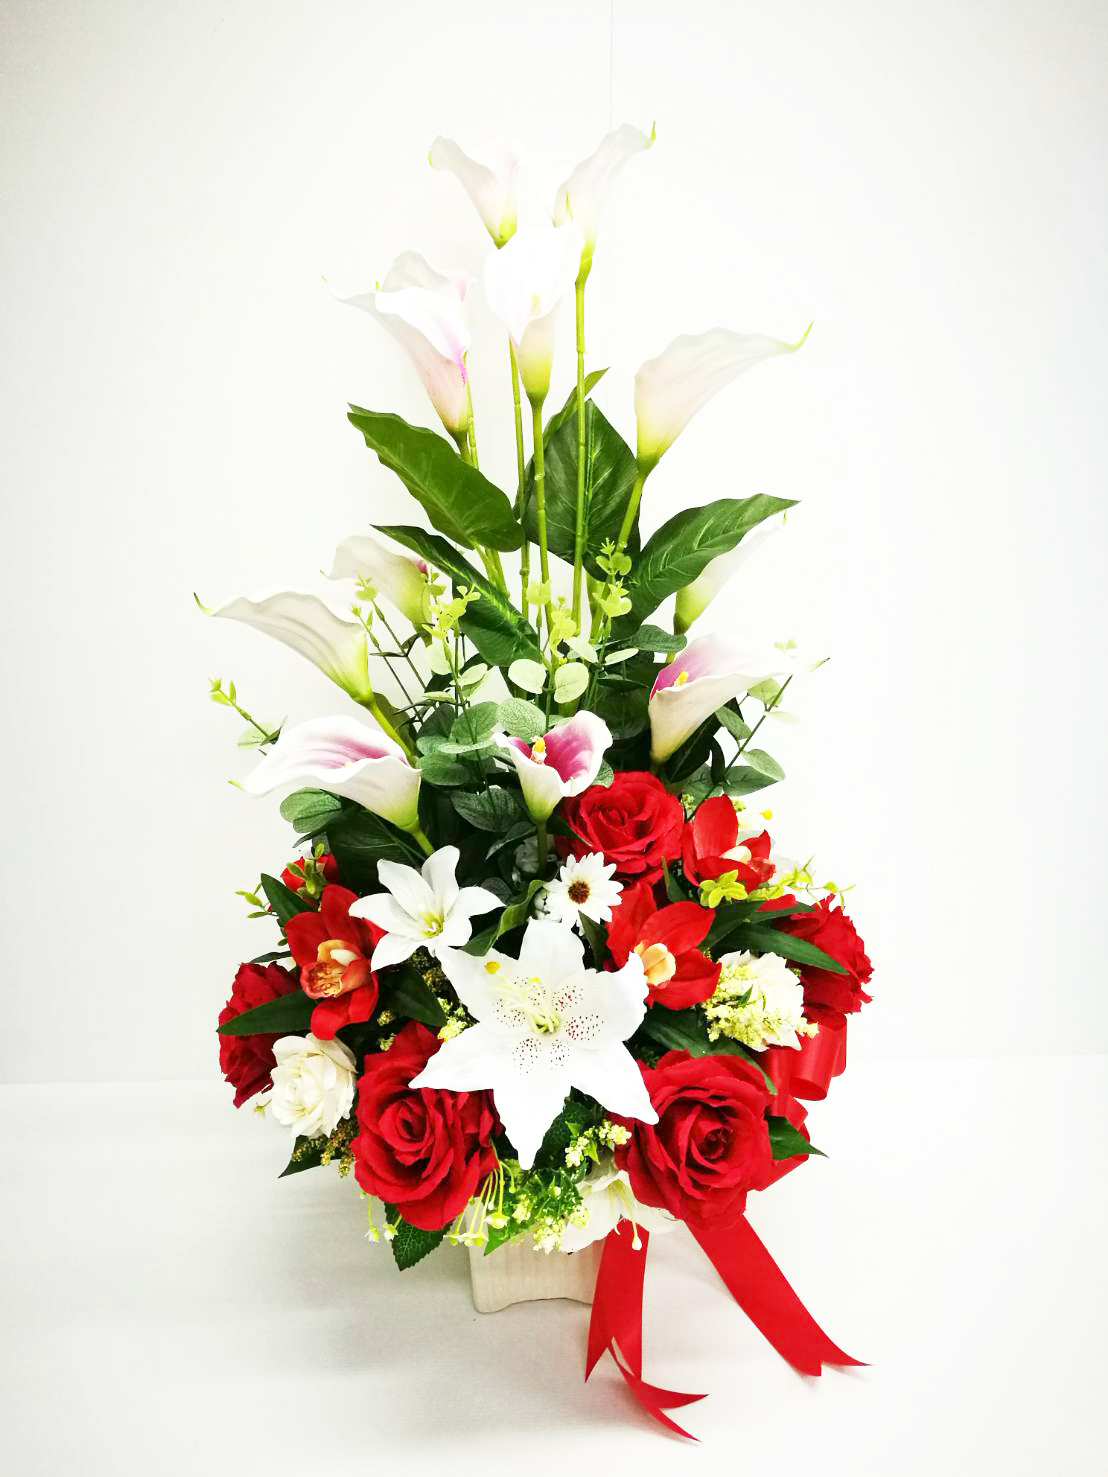 แจกันดอกไม้ประดิษฐ์ รหัส 3078